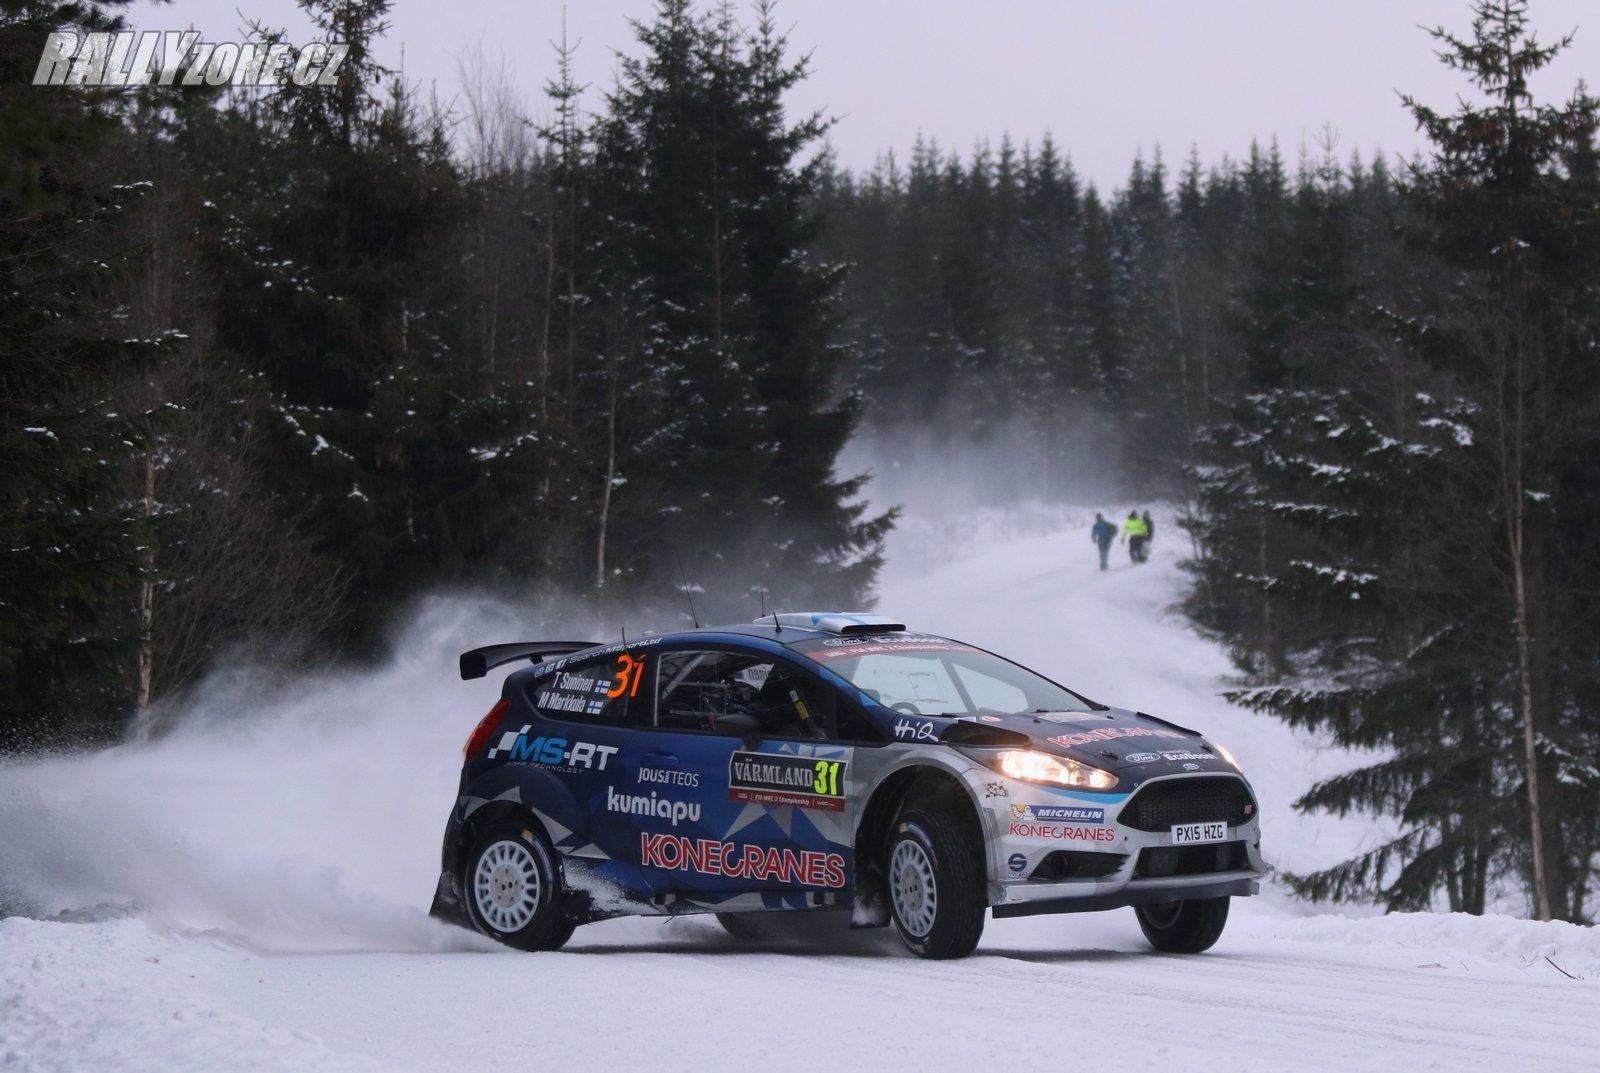 Suninen, Teemu - Markkula, Mikko